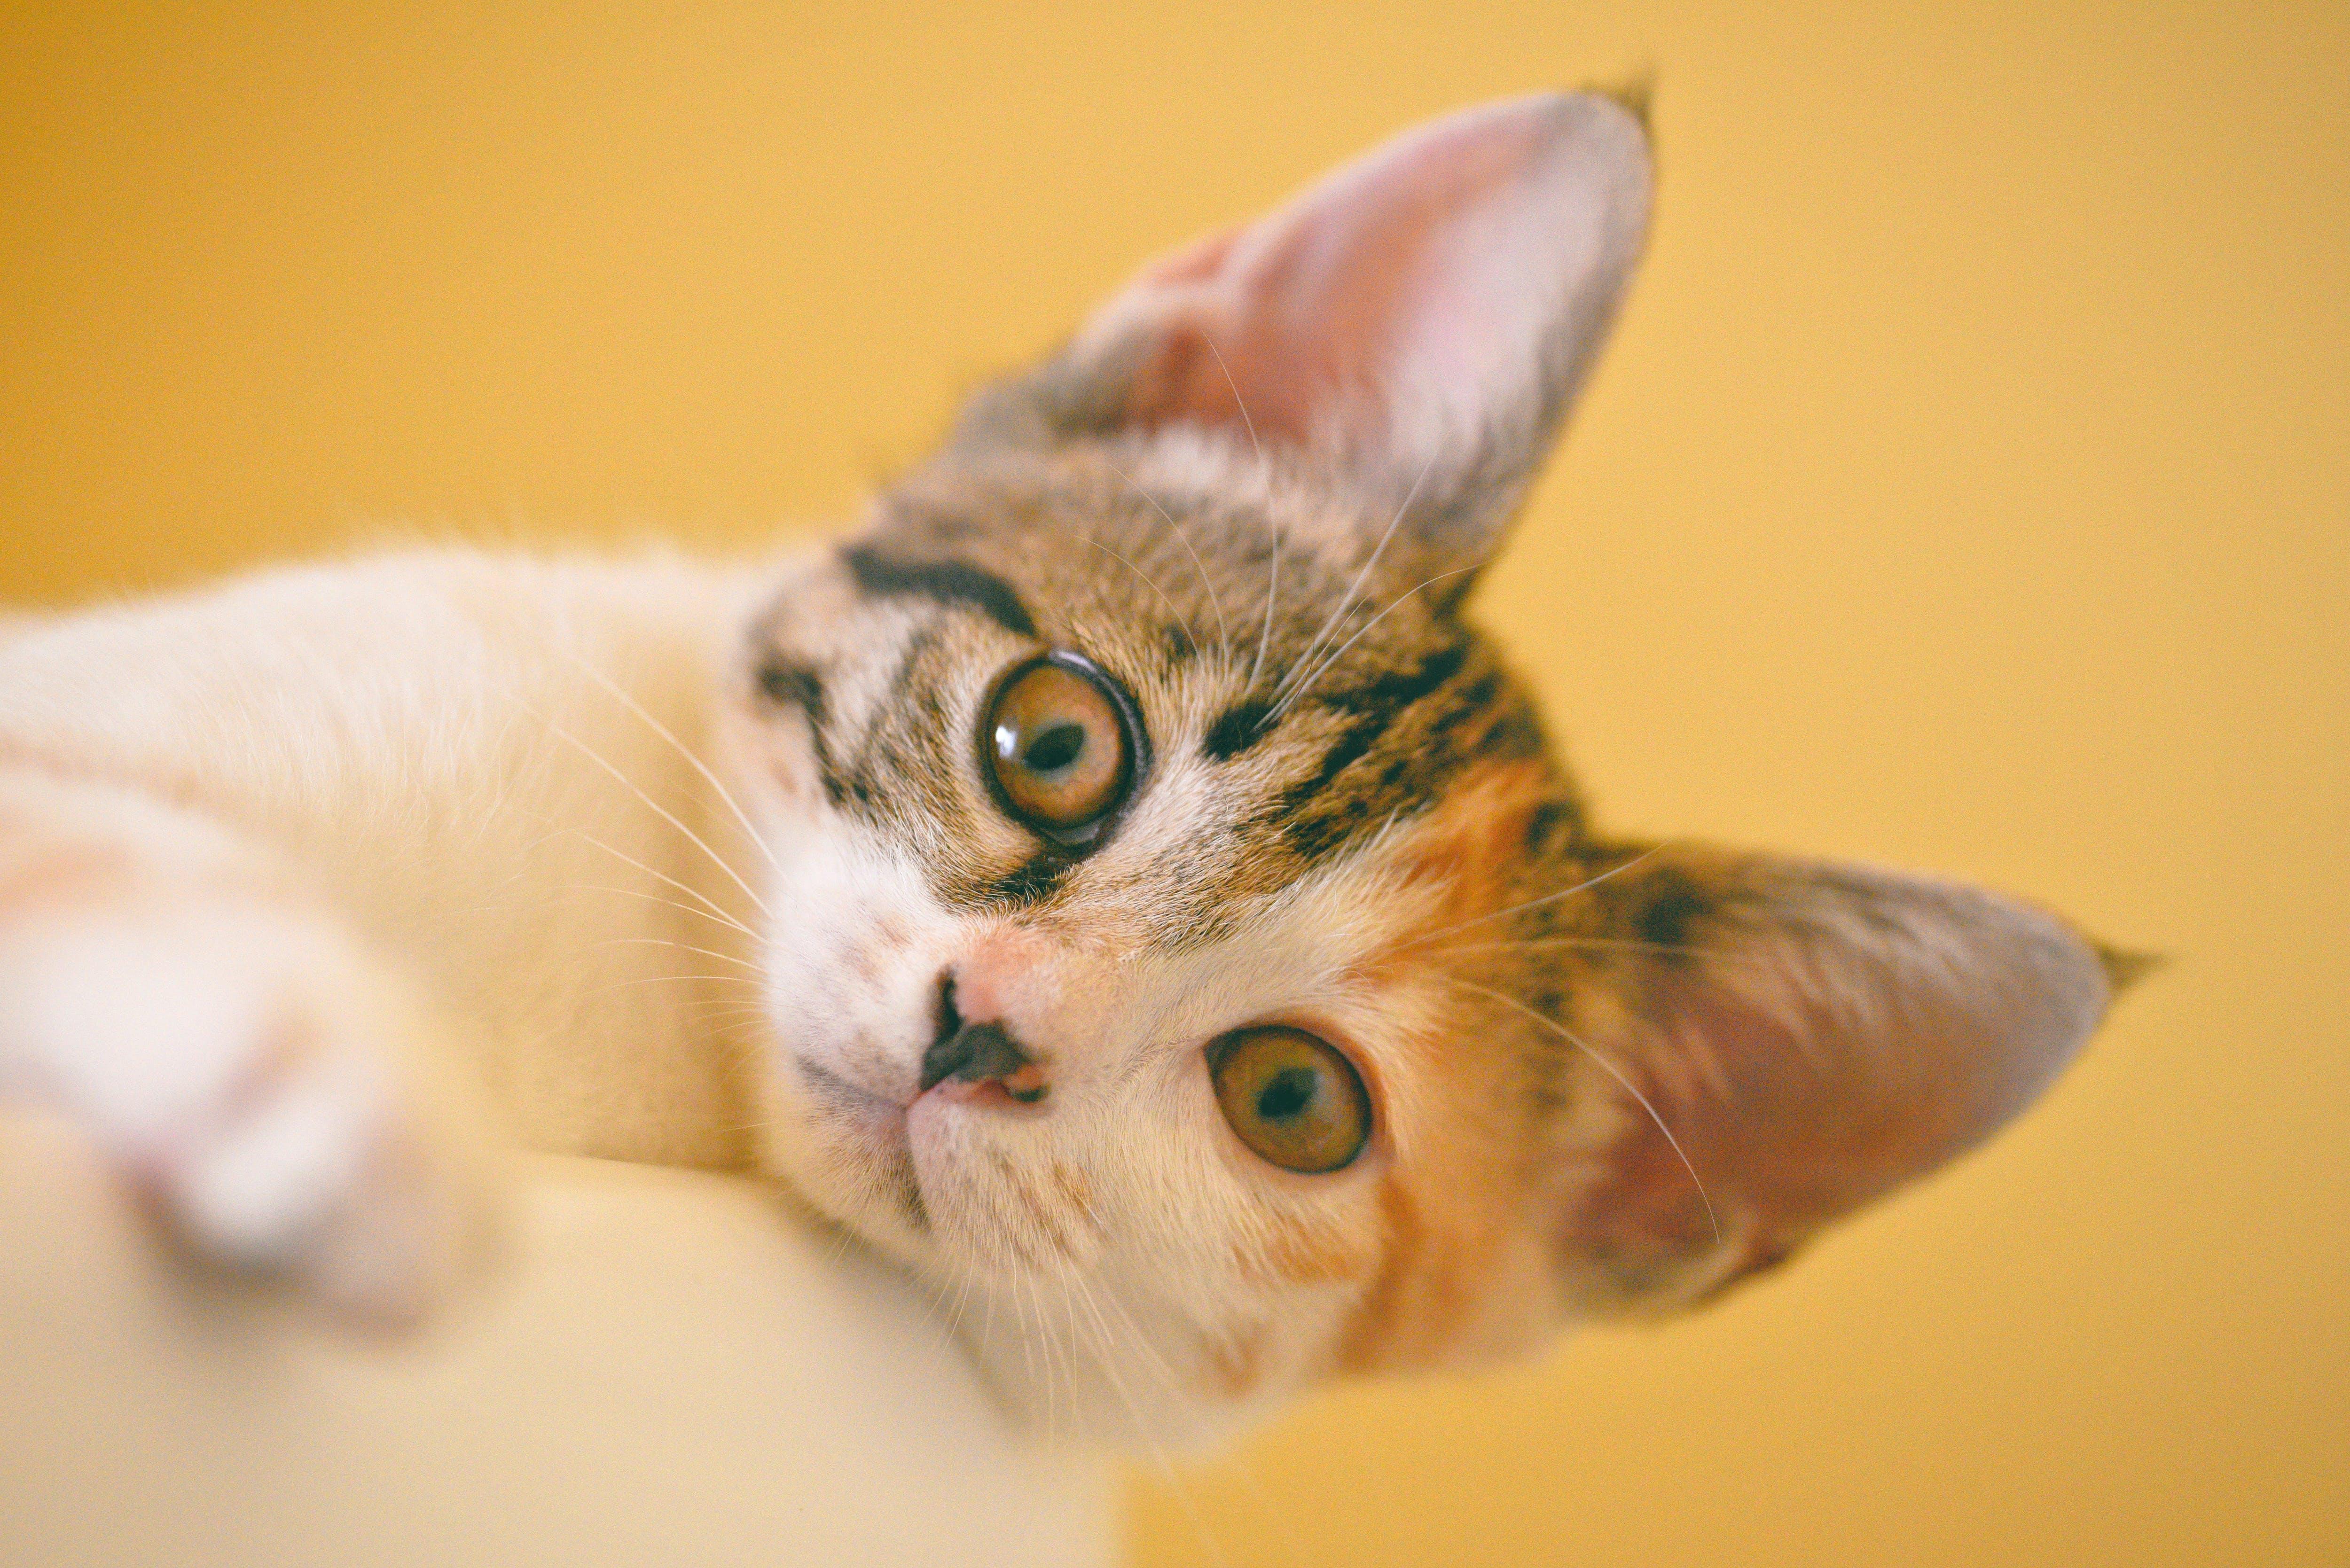 Focus Photo of Short-fur White, Black, and Orange Cat